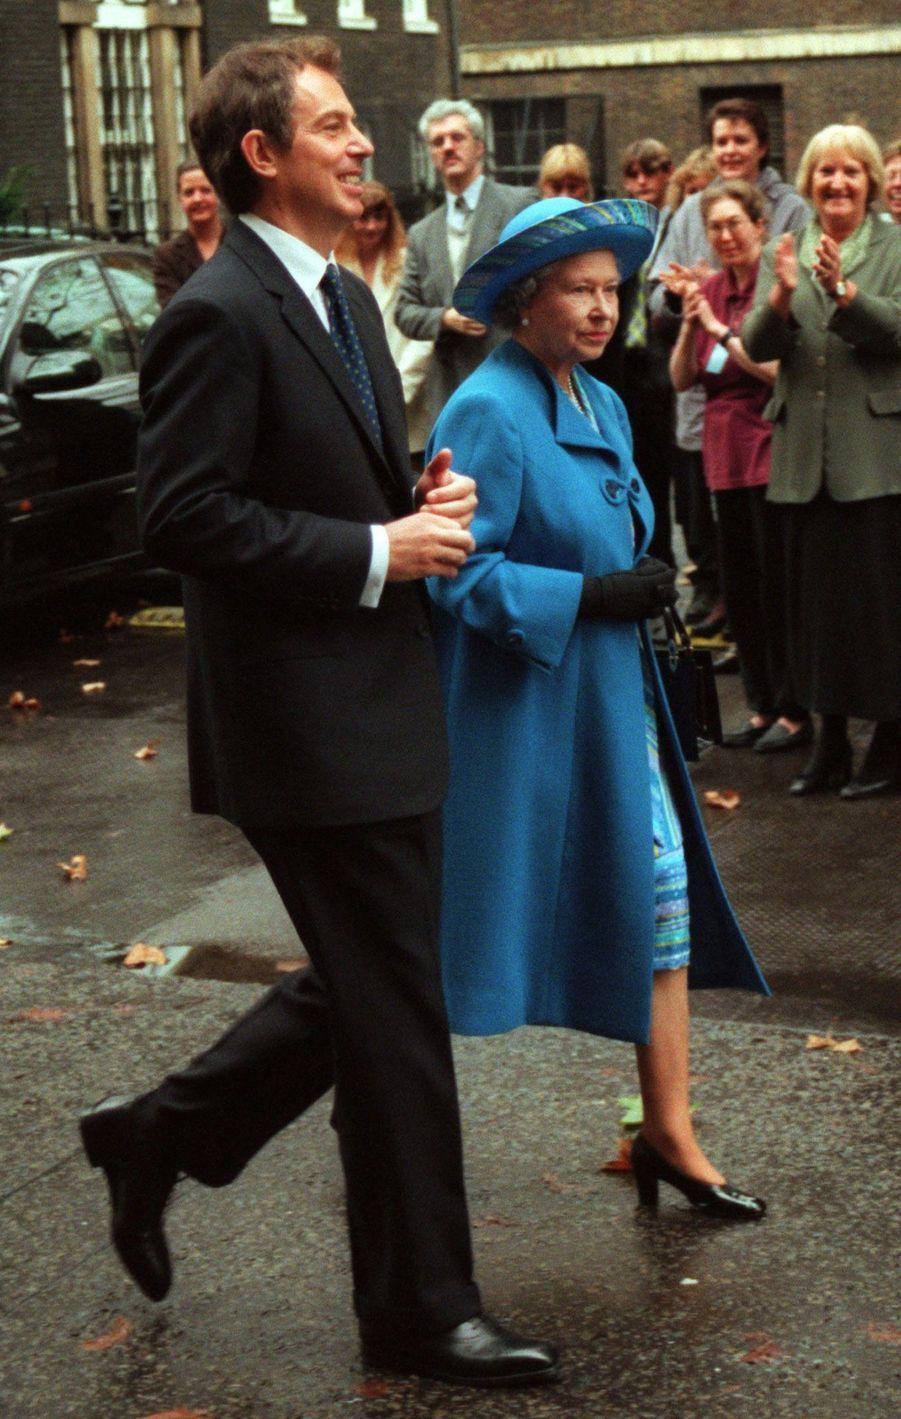 La reine Elizabeth II et le Premier ministre Tony Blair à Downing Street (novembre 1997)